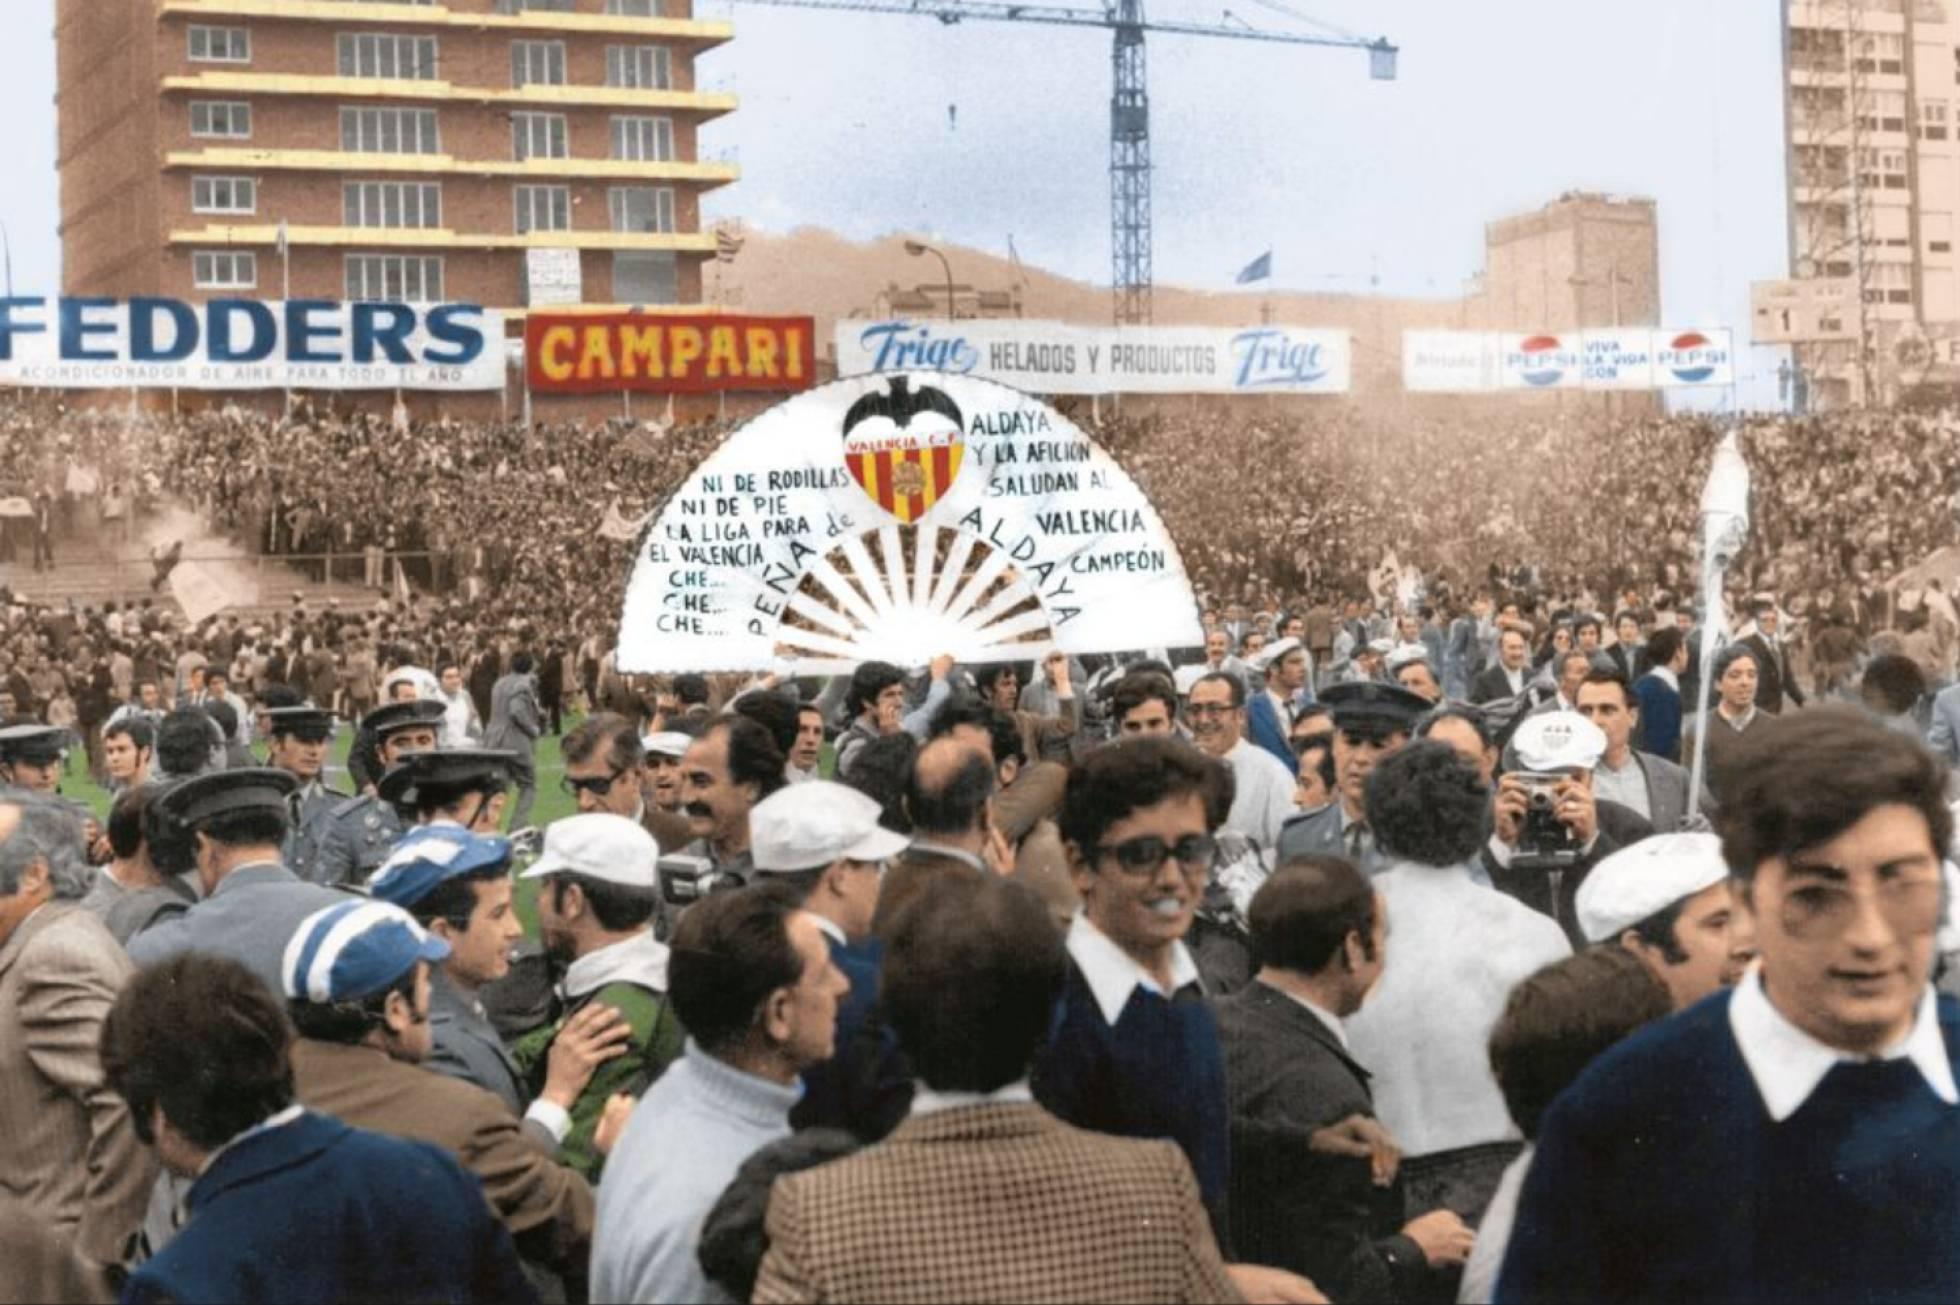 CĐV Valencia tràn xuống sân Sarria sau khi đội nhà thua trận, nhưng vẫn vô địch La Liga 1970-1971. Ảnh: AS